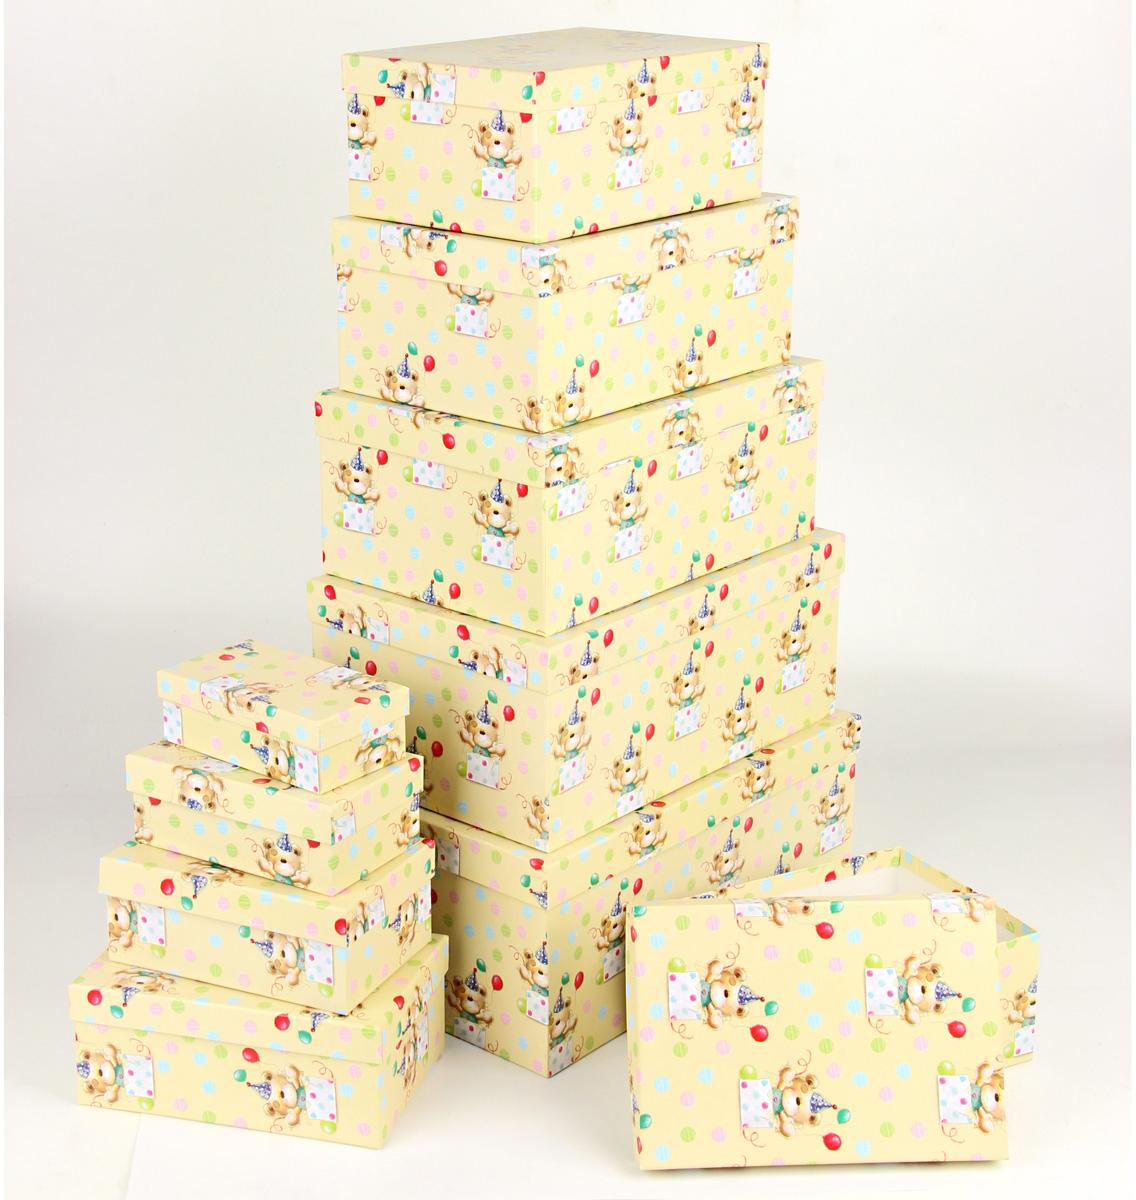 Набор подарочных коробок Veld-Co С днем варенья, прямоугольные, 10 шт набор подарочных коробок veld co шоколад с магнитами цвет светло коричневый 3 шт